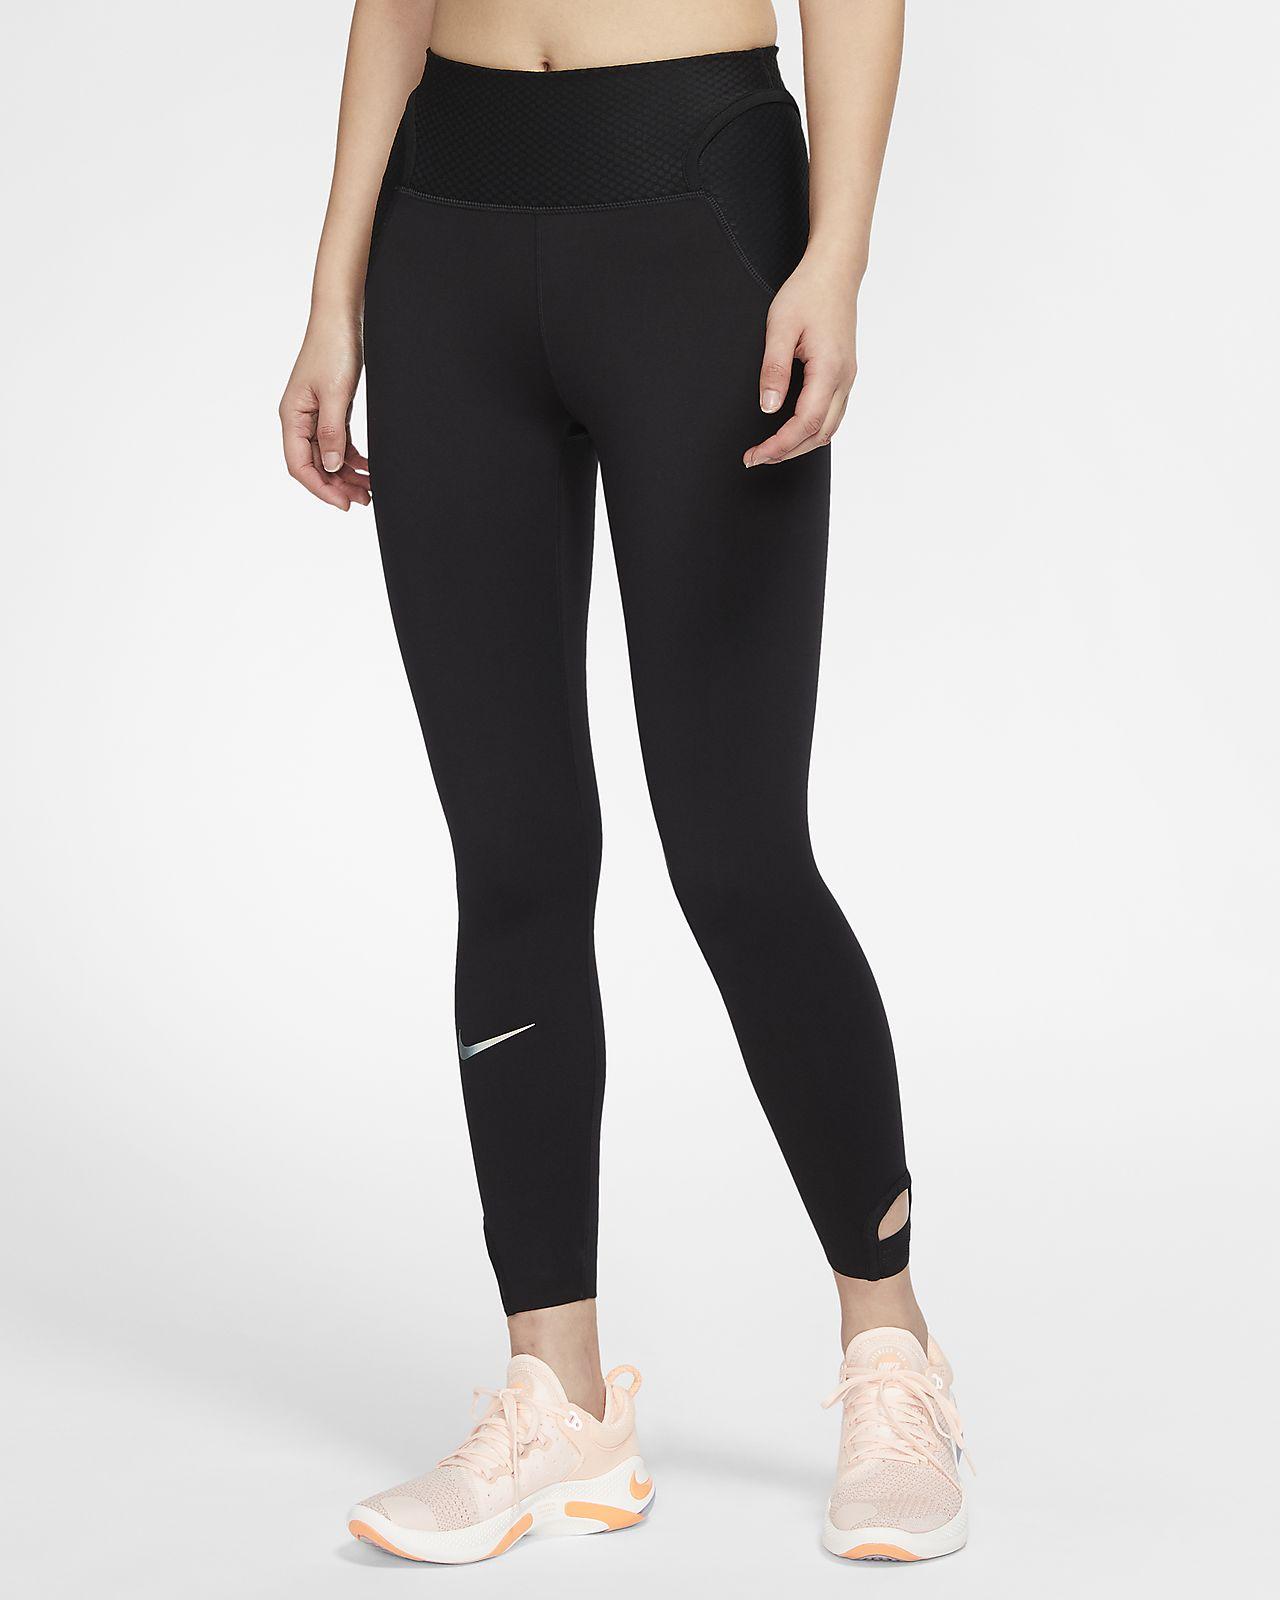 กางเกงวิ่งรัดรูปผู้หญิง 7/8 ส่วน Nike City Ready